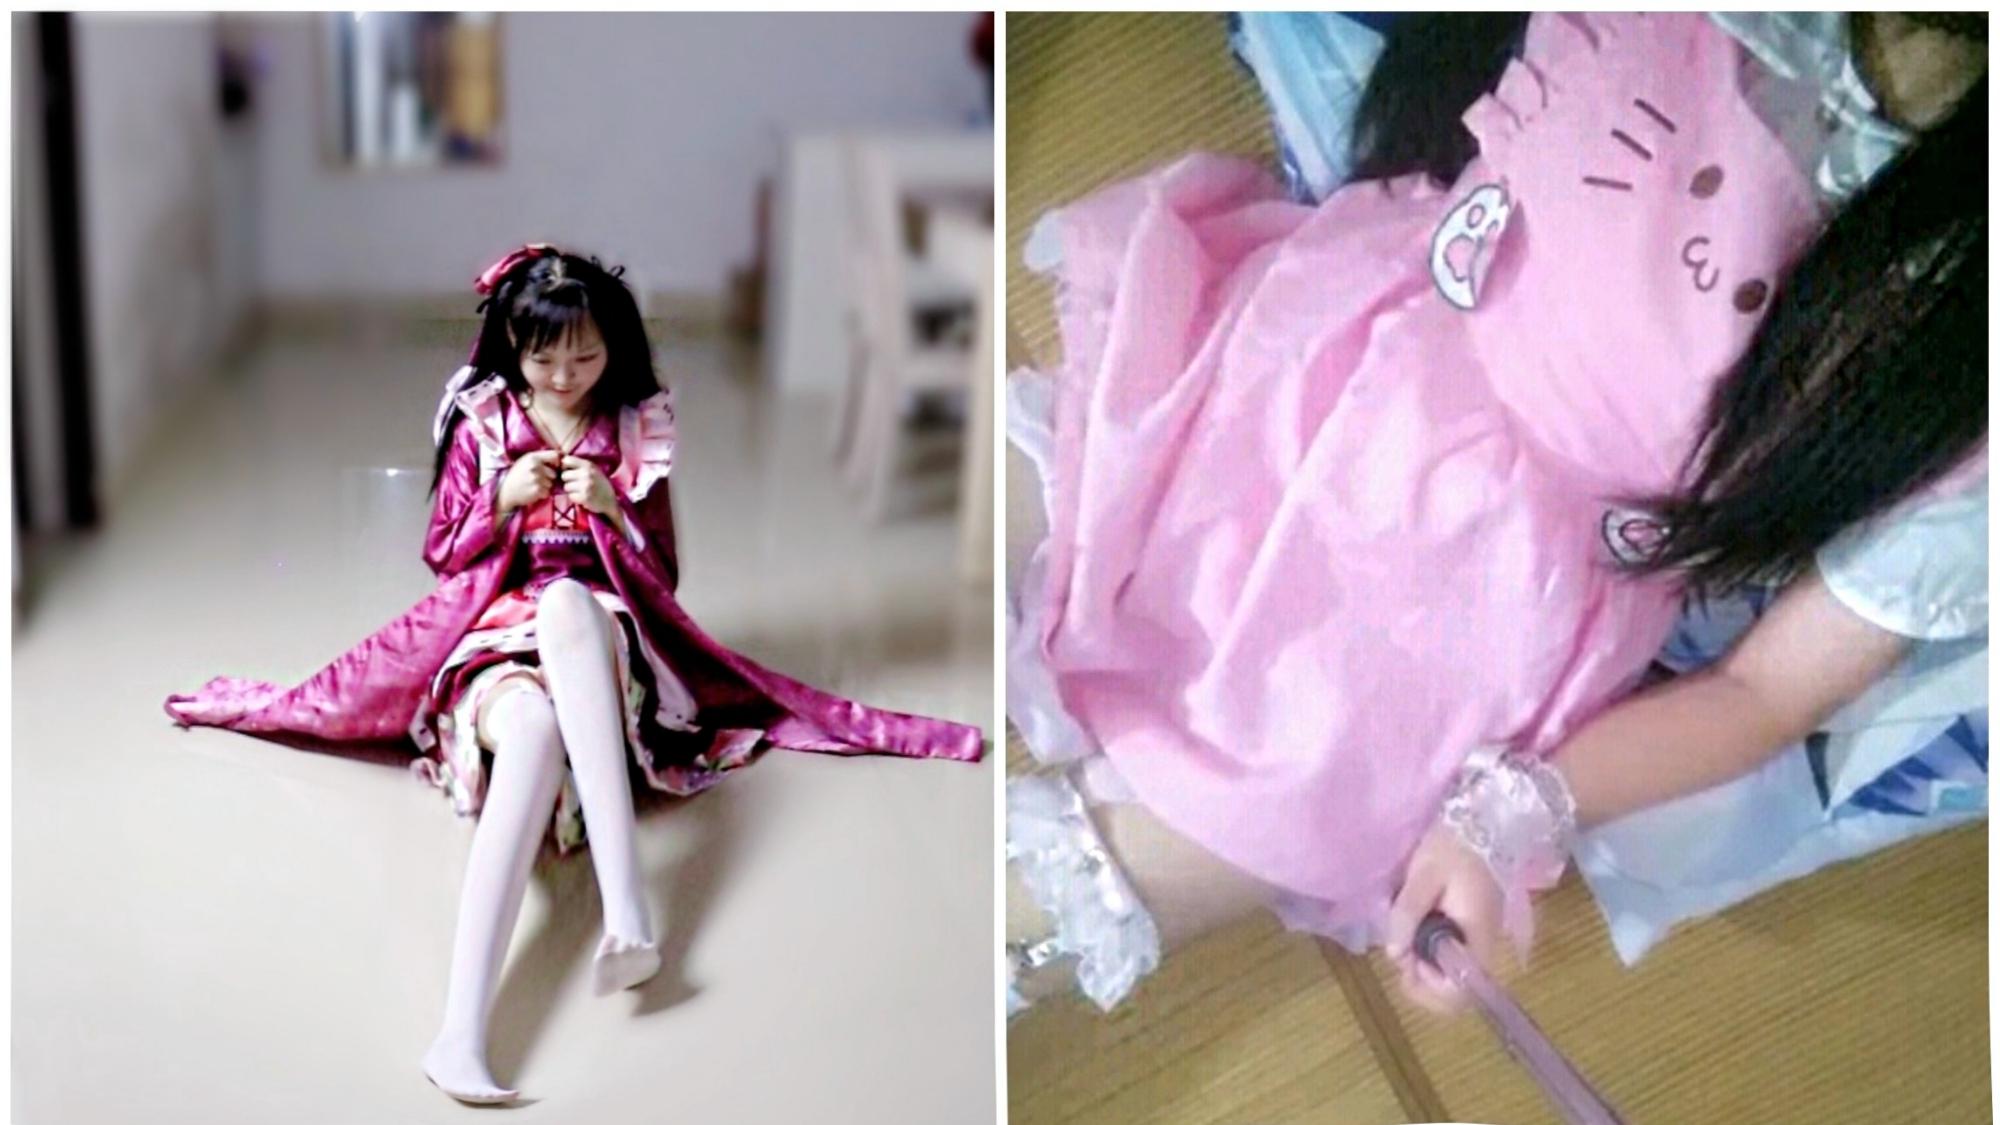 【北宫翎】 小樱茉莉和服版《旋转吧雪月花》